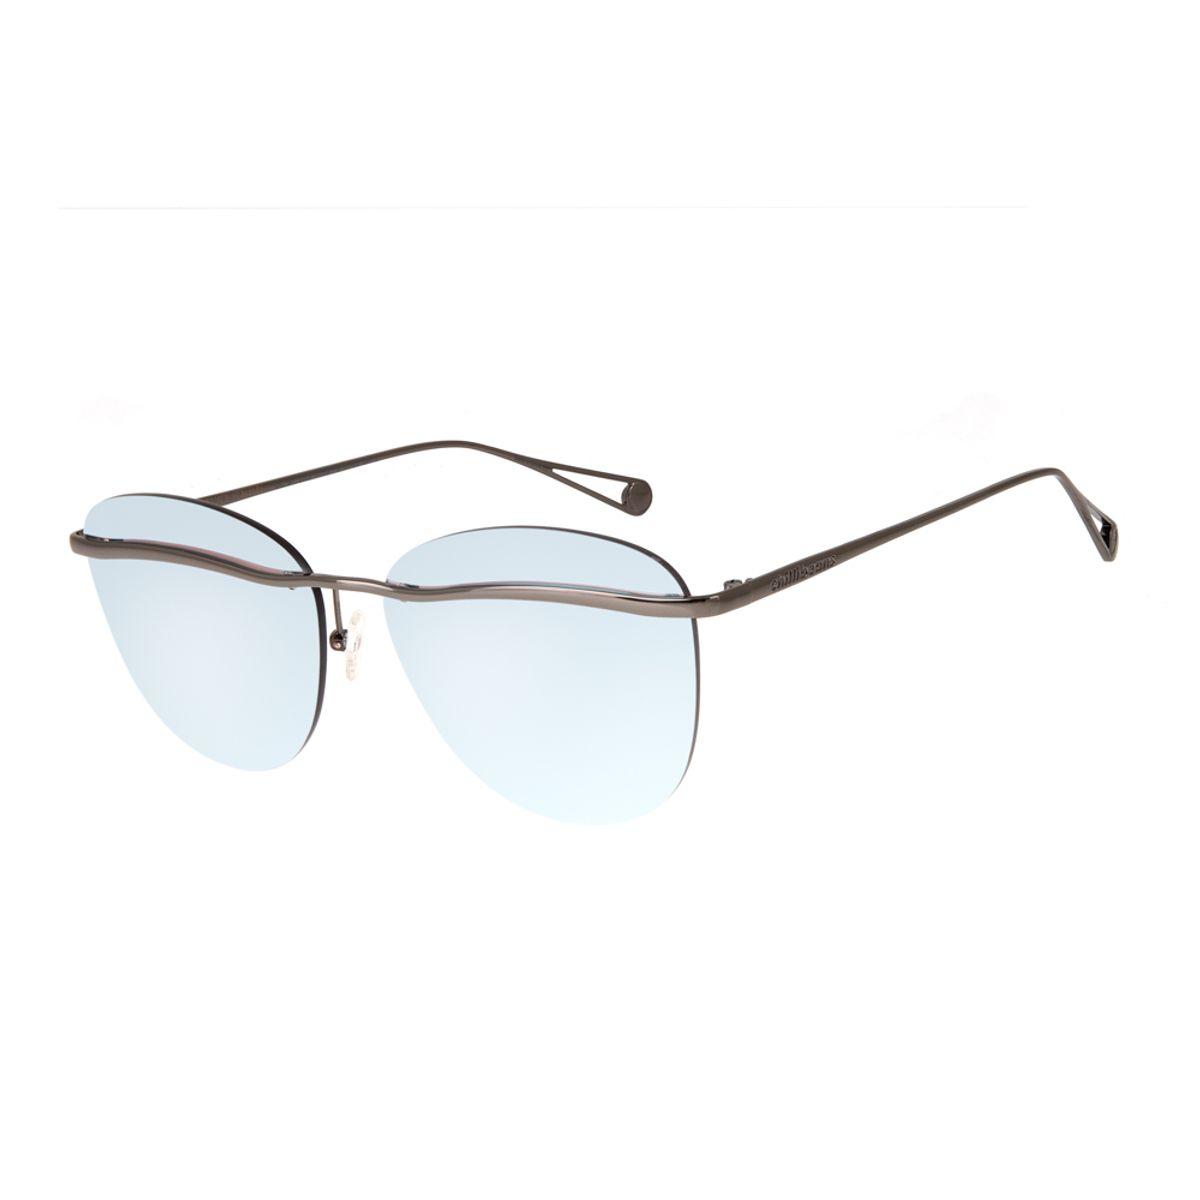 ddacc86b2 Óculos de Sol Chilli Beans Feminino Metal Máxi Lente Flutuante ...